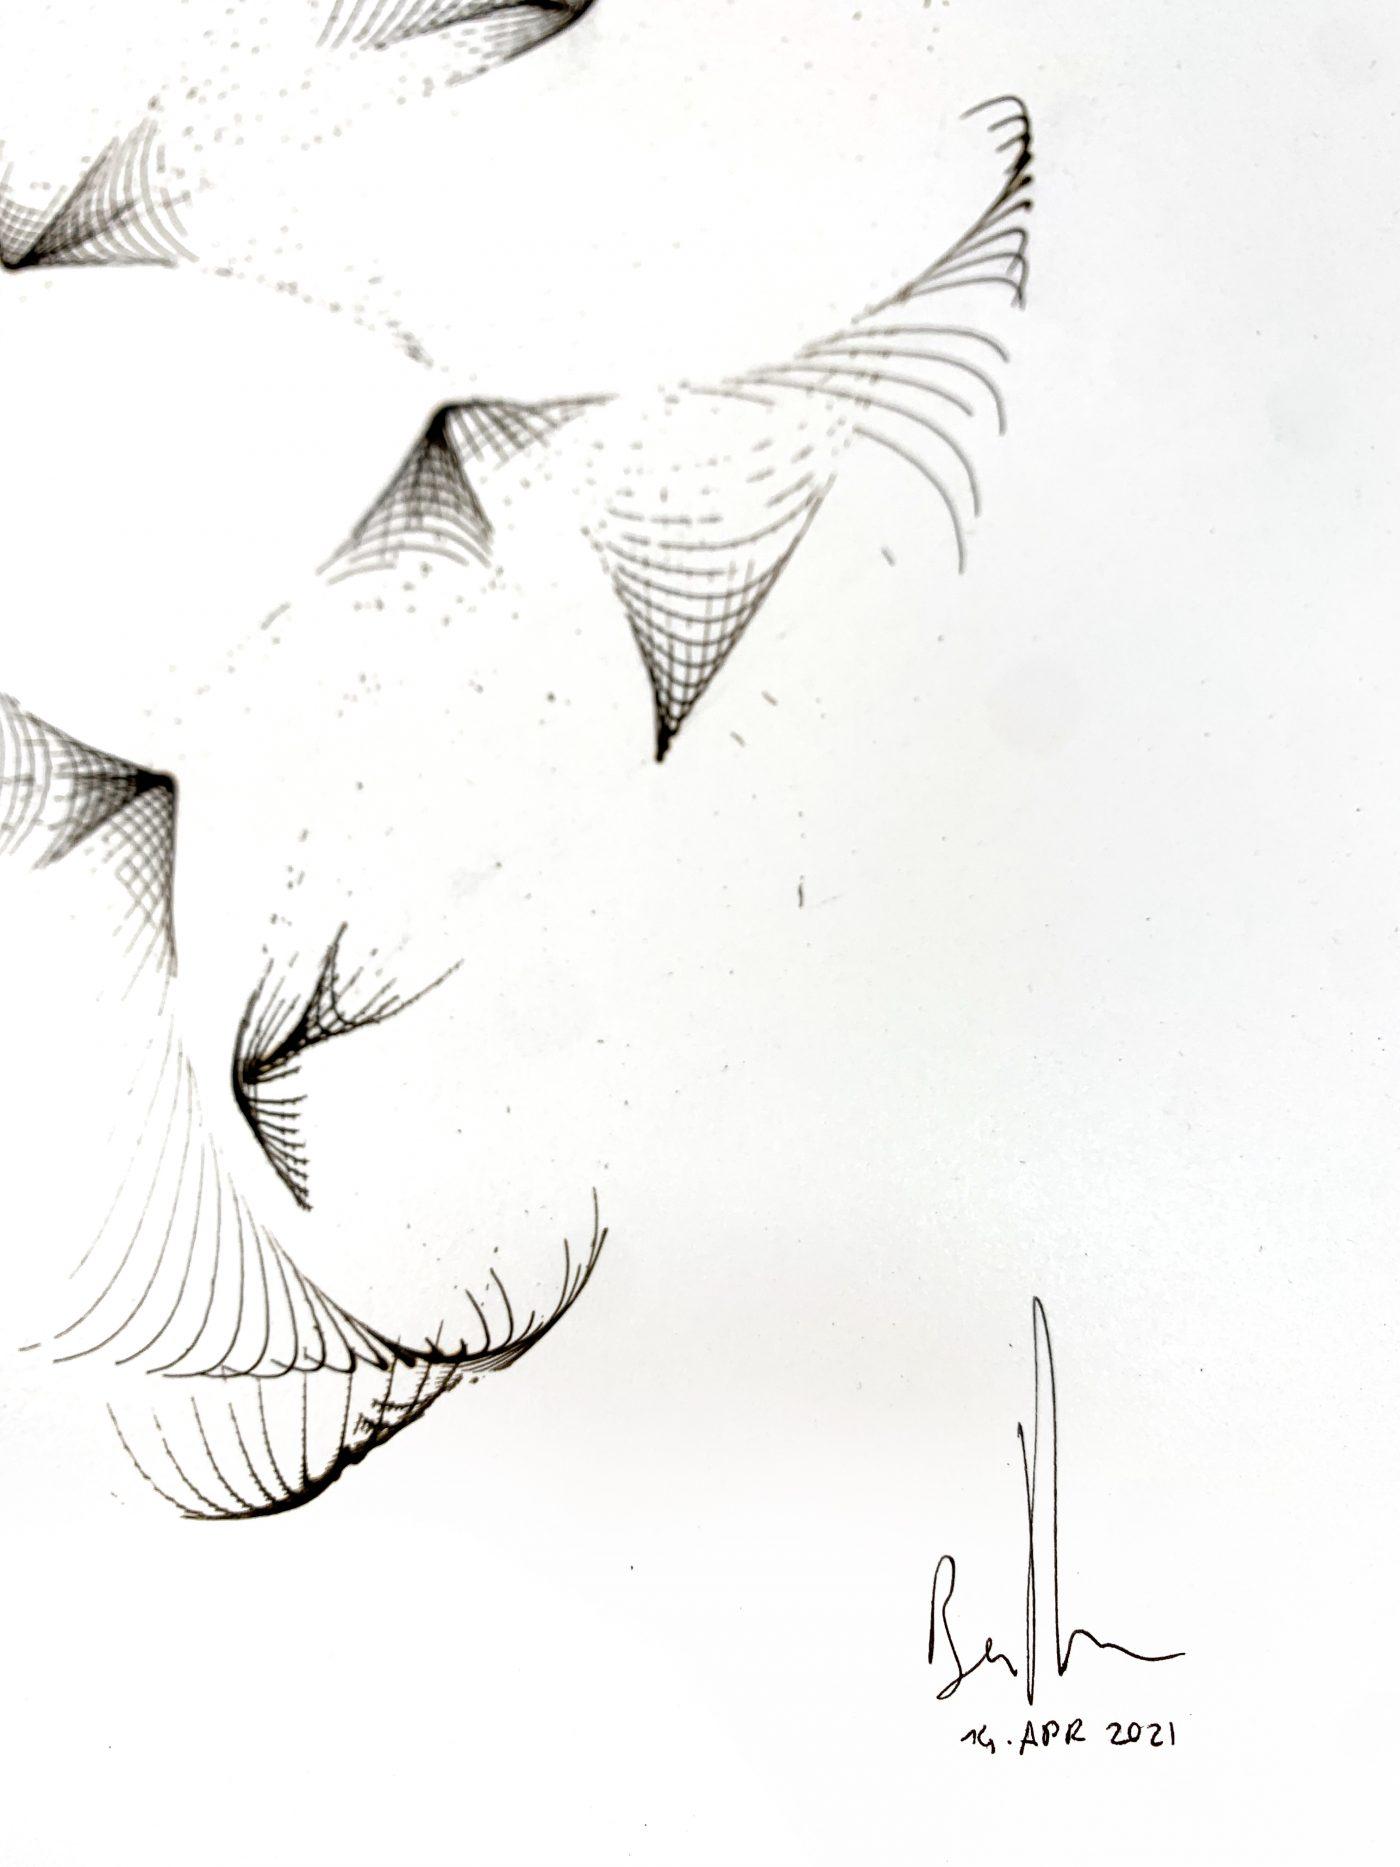 x470 - 14 Apr 2021